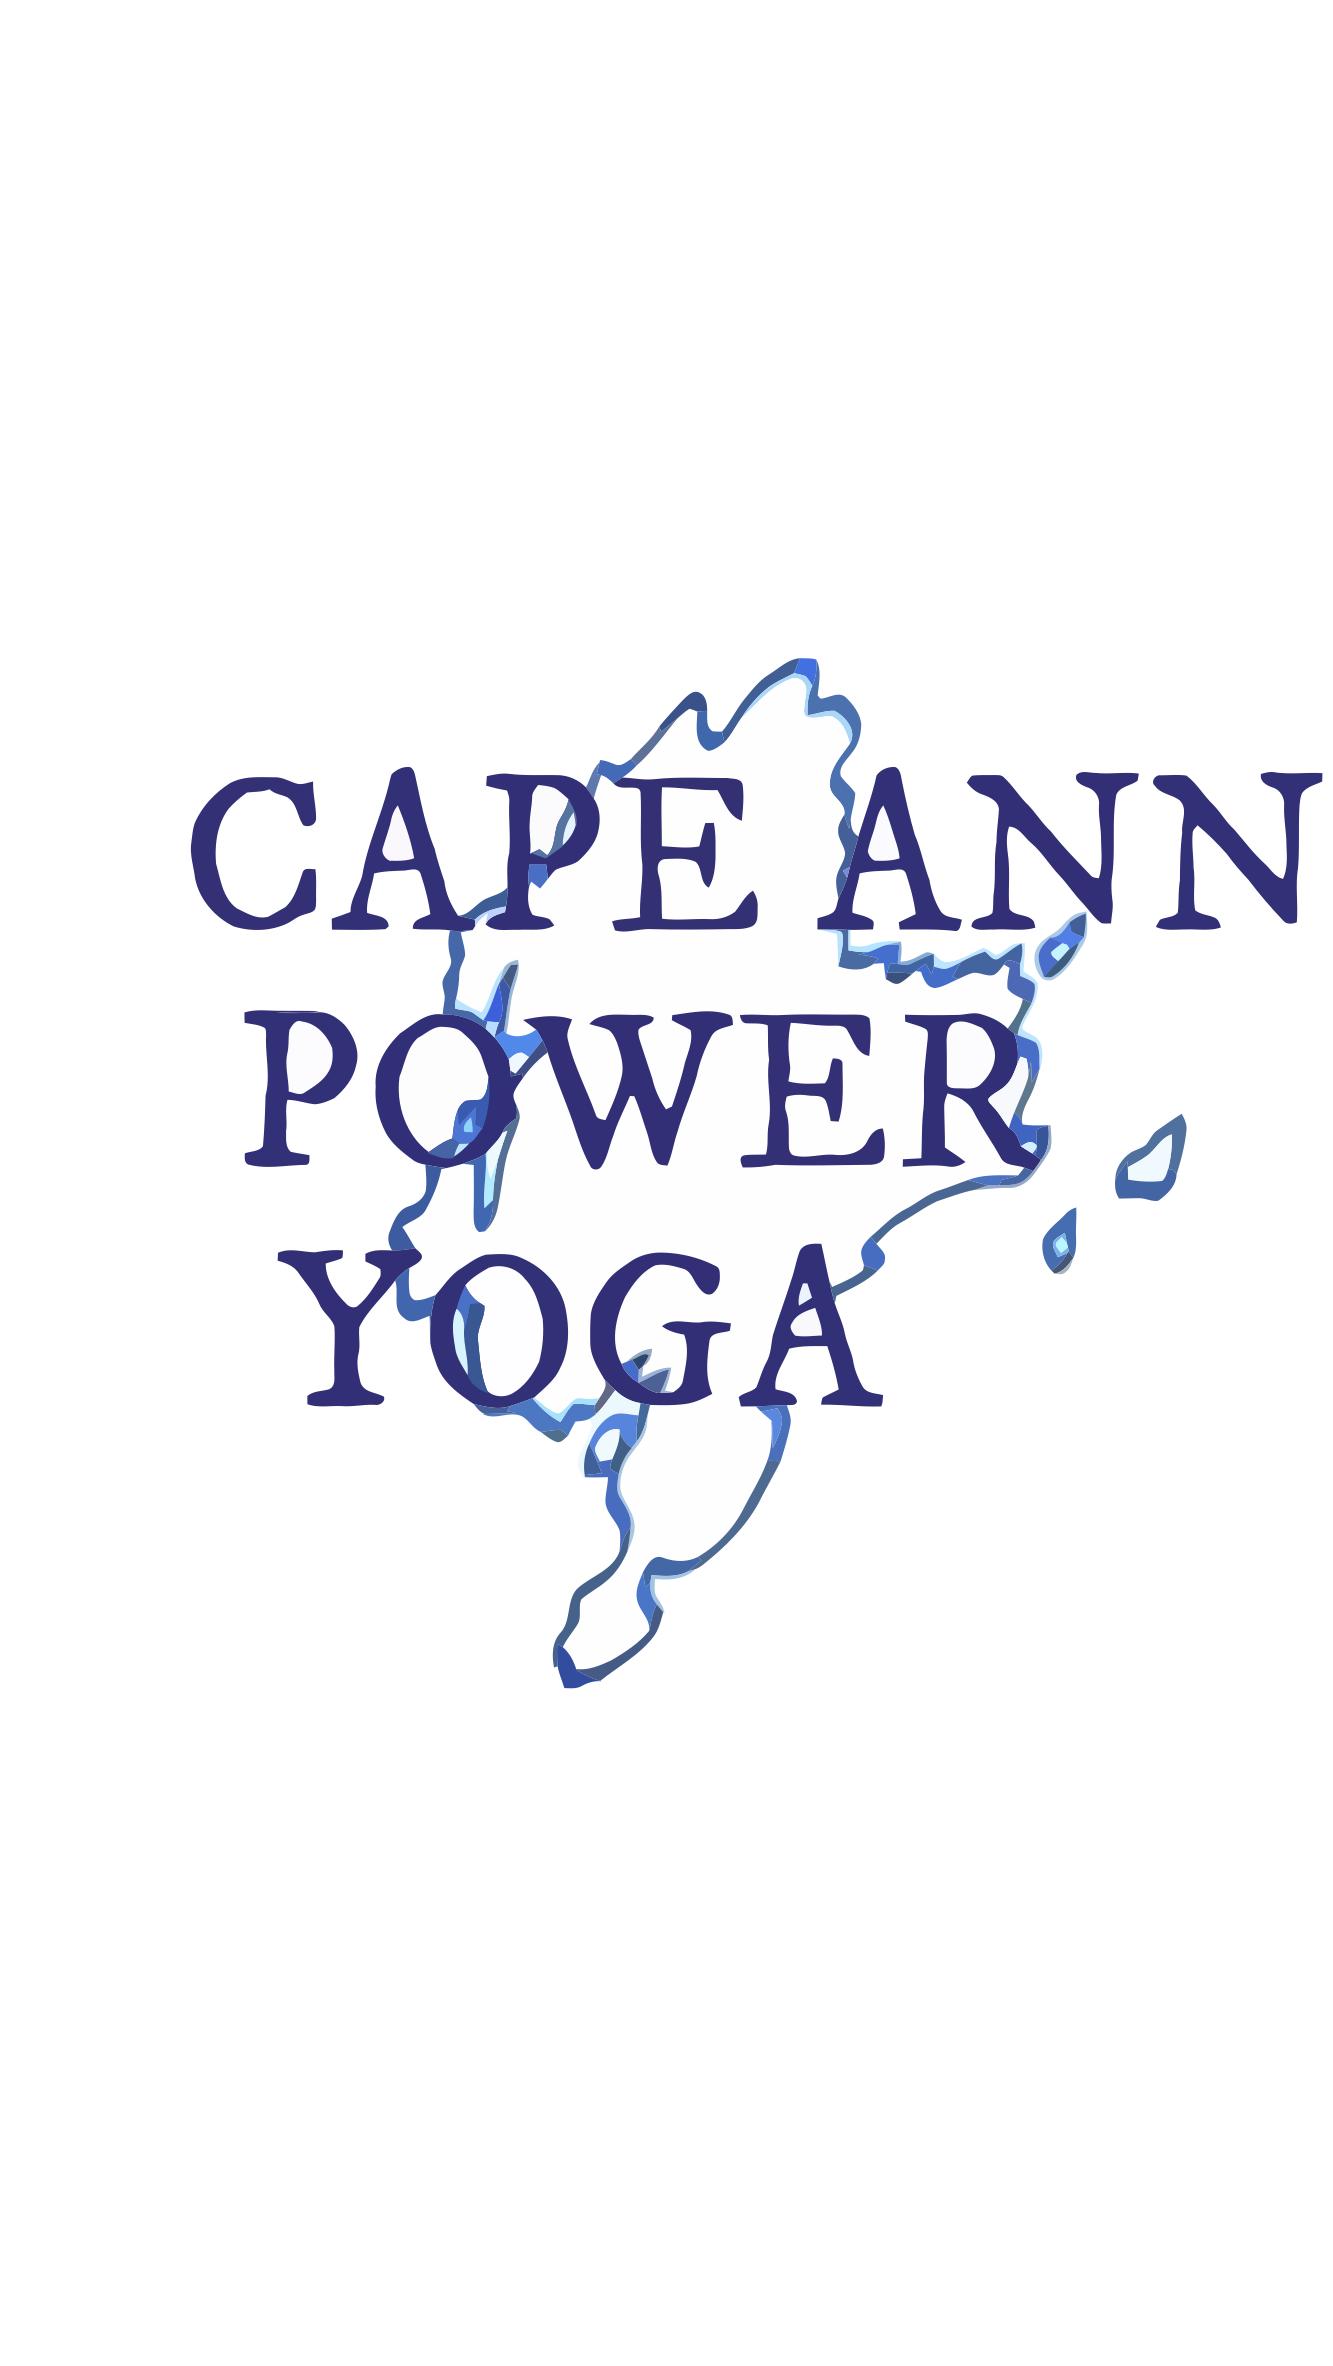 Cape Ann Power Yoga